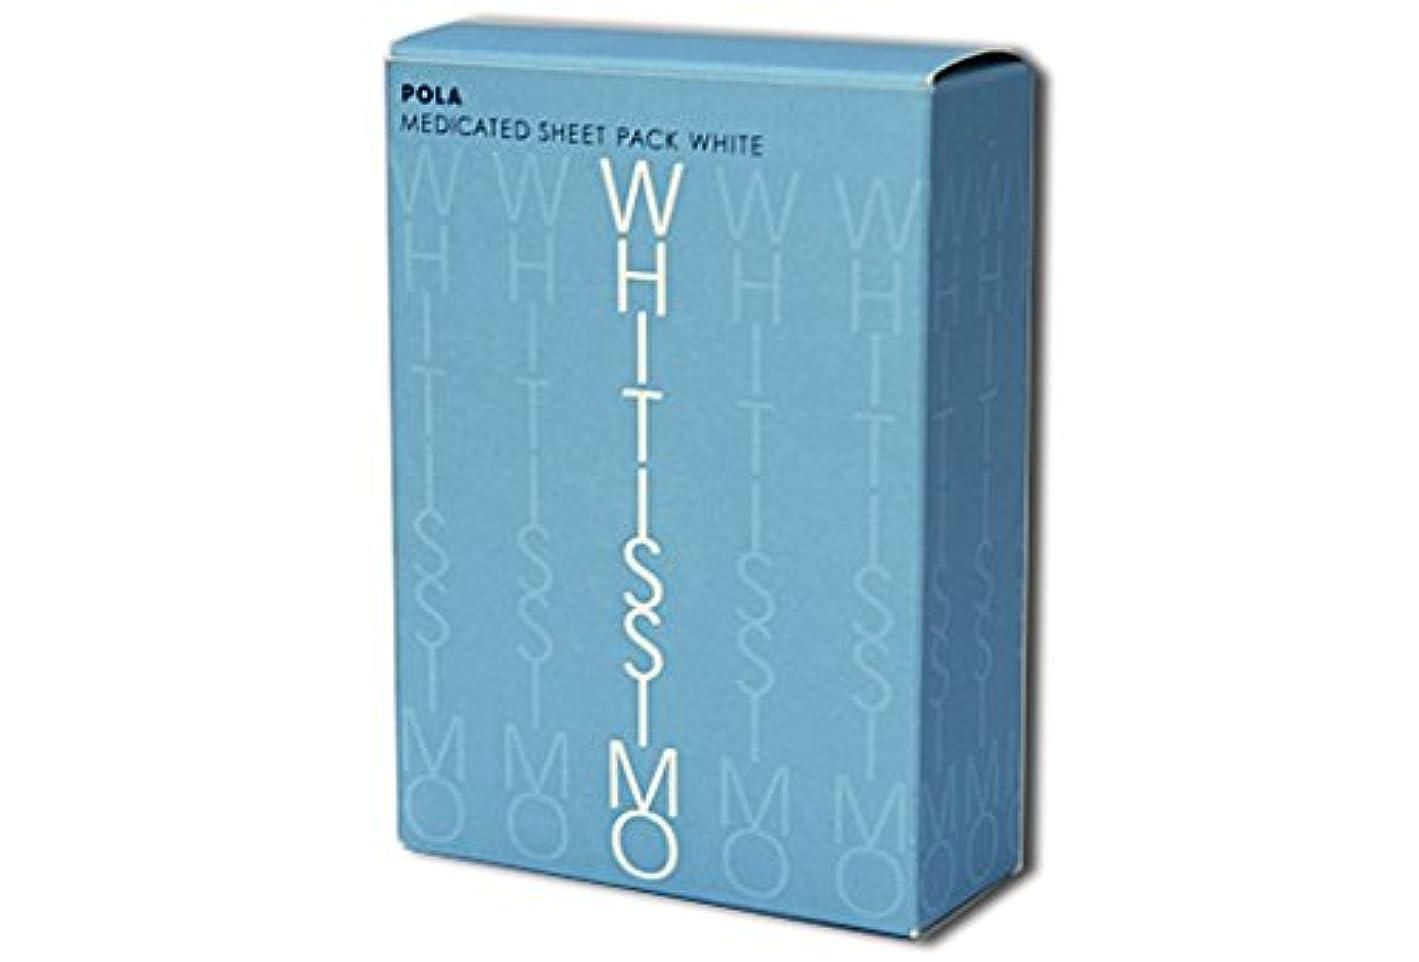 床を掃除する実現可能ワインPOLA / ポーラ ホワイティシモ 薬用シート パック ホワイト 30セット